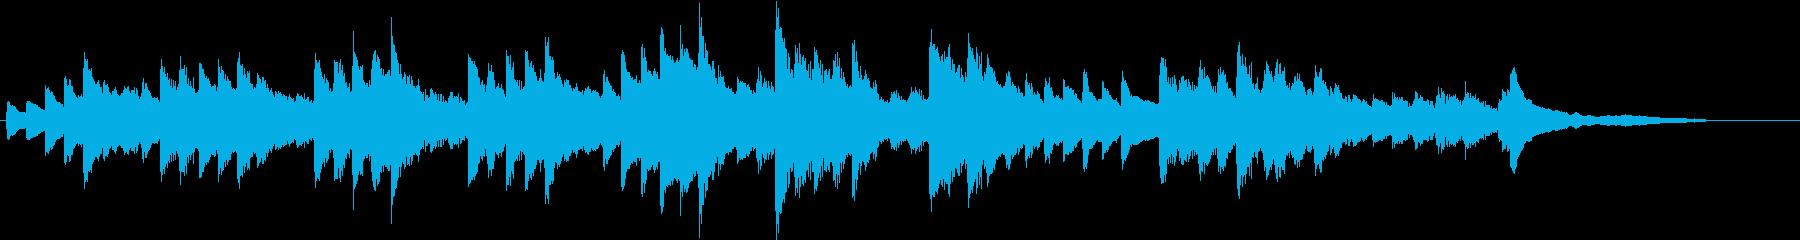 秋の風景を描いた超メロウなピアノジングルの再生済みの波形